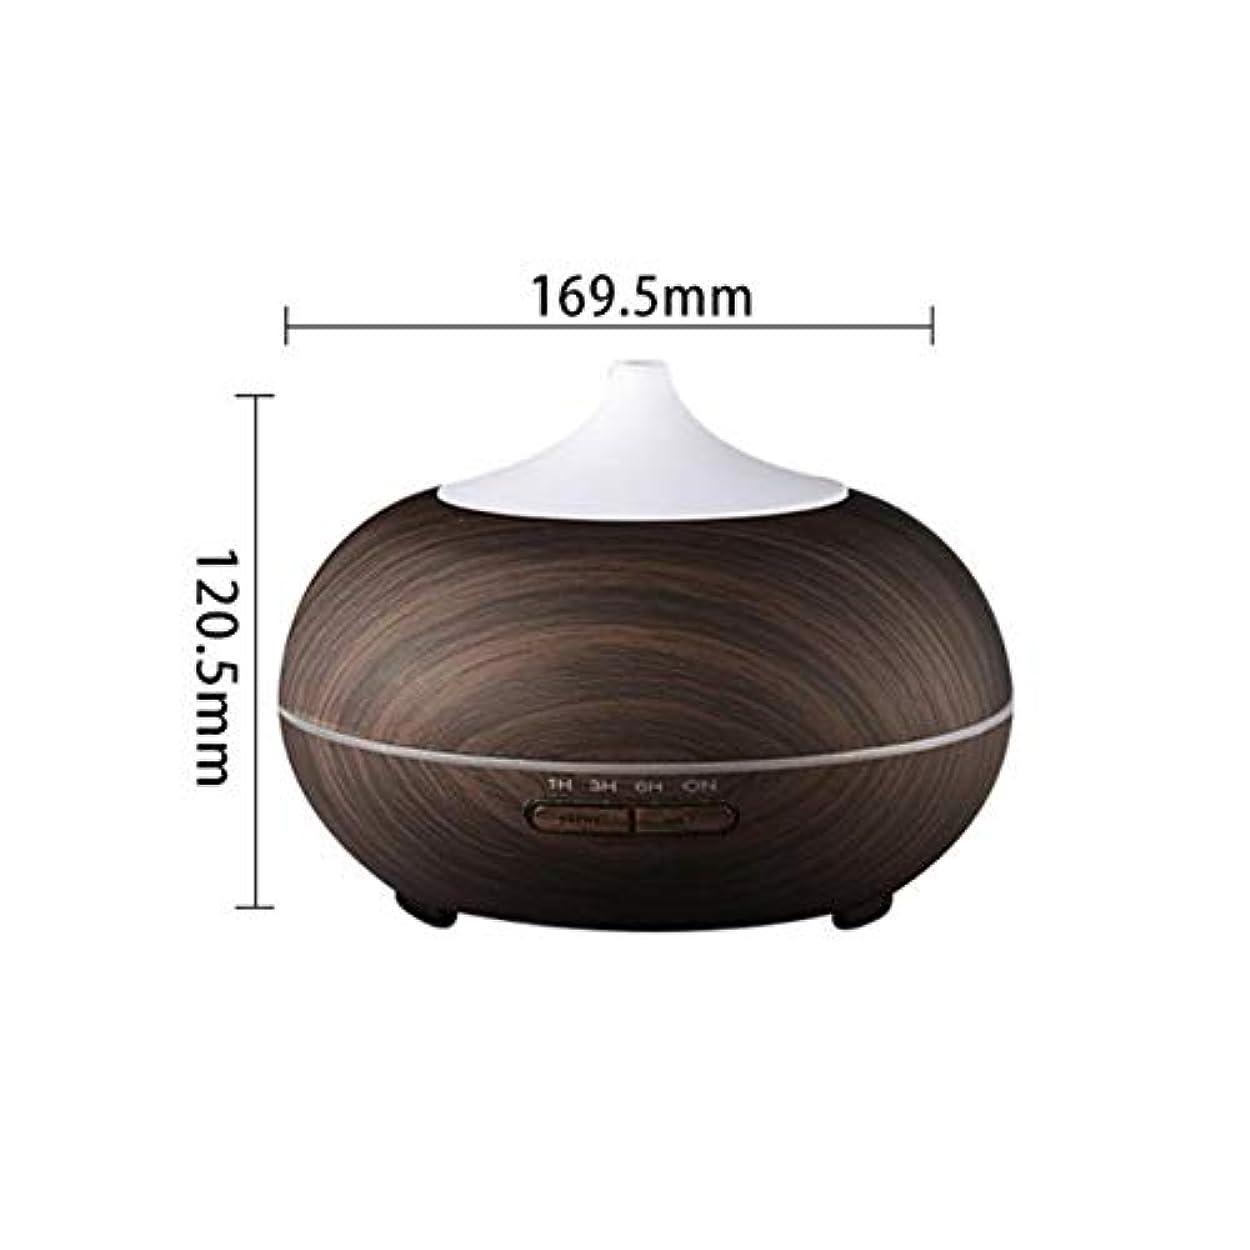 大きなスケールで見るとハウジング深さ木目 涼しい霧 加湿器,7 色 空気を浄化 加湿機 時間 手動 Wifiアプリコントロール 精油 ディフューザー アロマネブライザー Yoga- 300ml